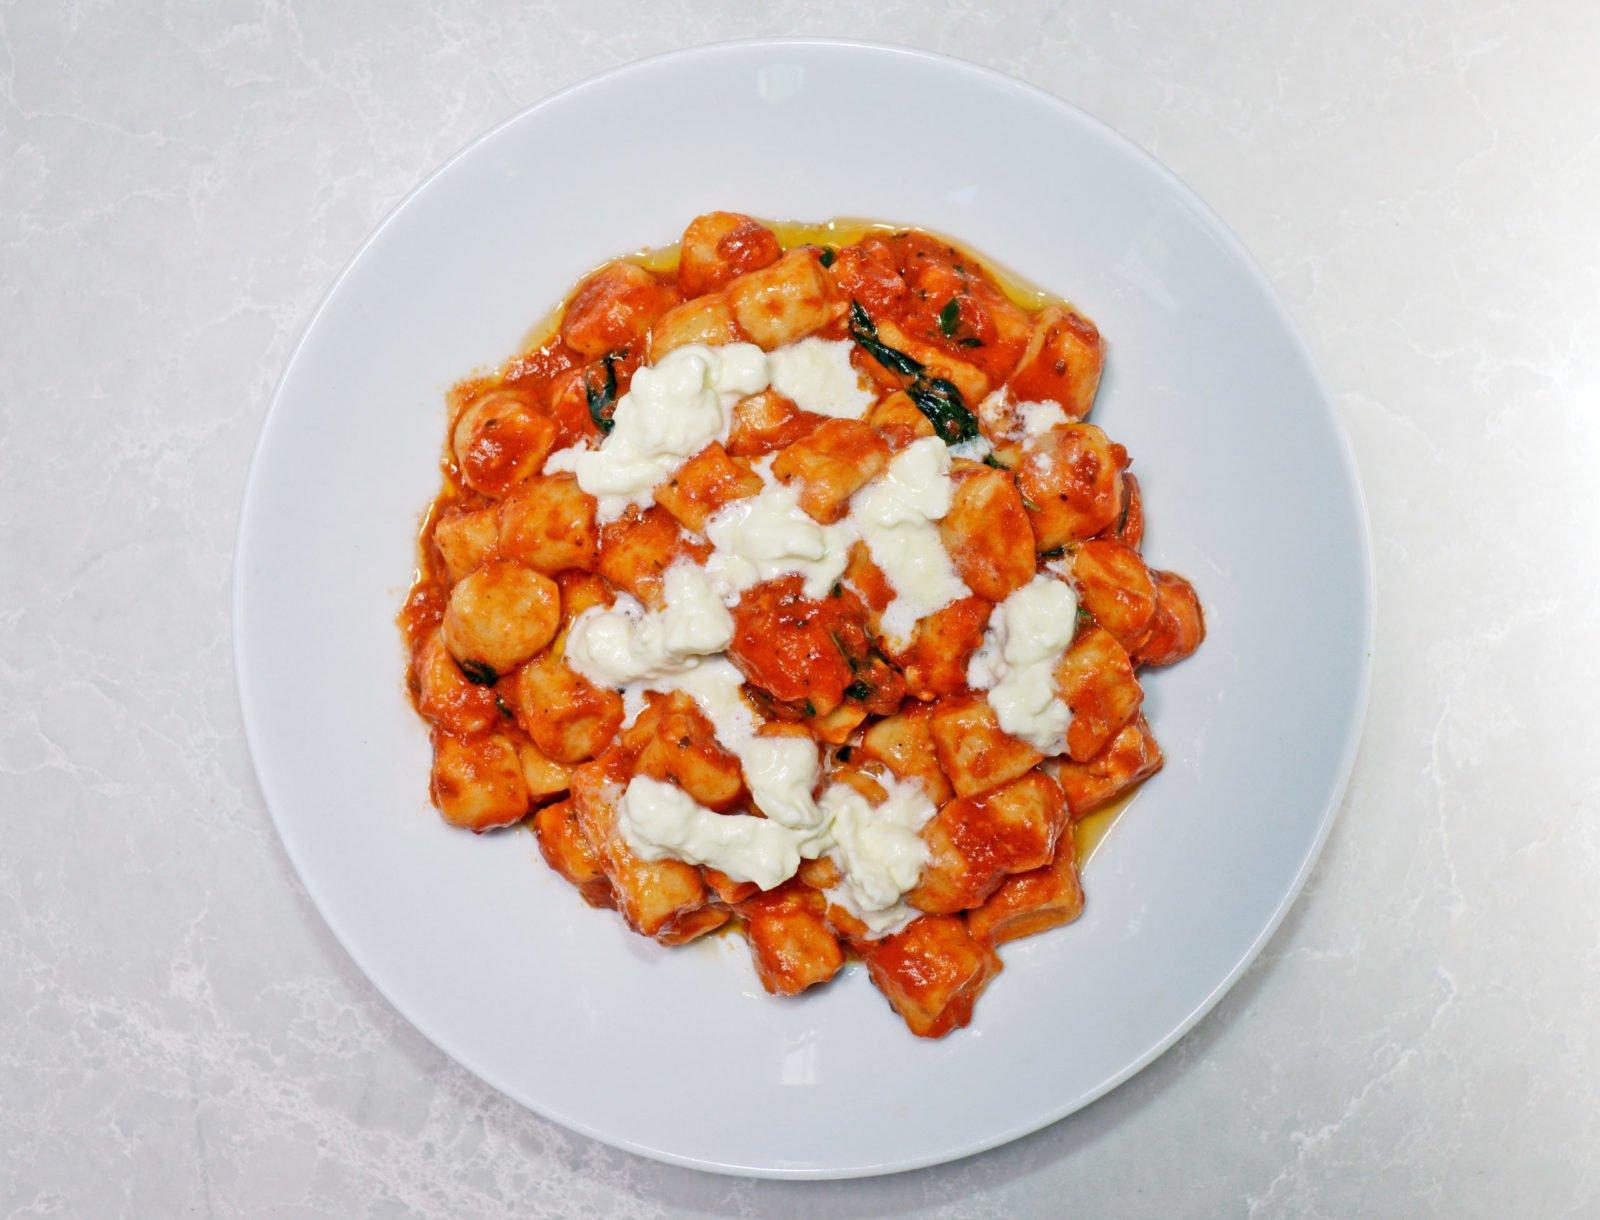 A Ricotta Gnocchi and Tomato Sauce Recipe From Chef Mark McEwan